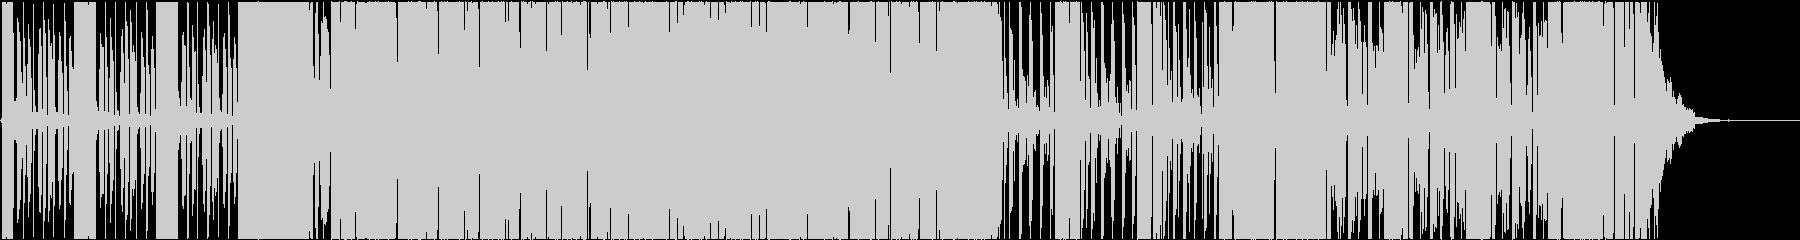 海外CM風ノリノリ明るいEDM:短縮版の未再生の波形